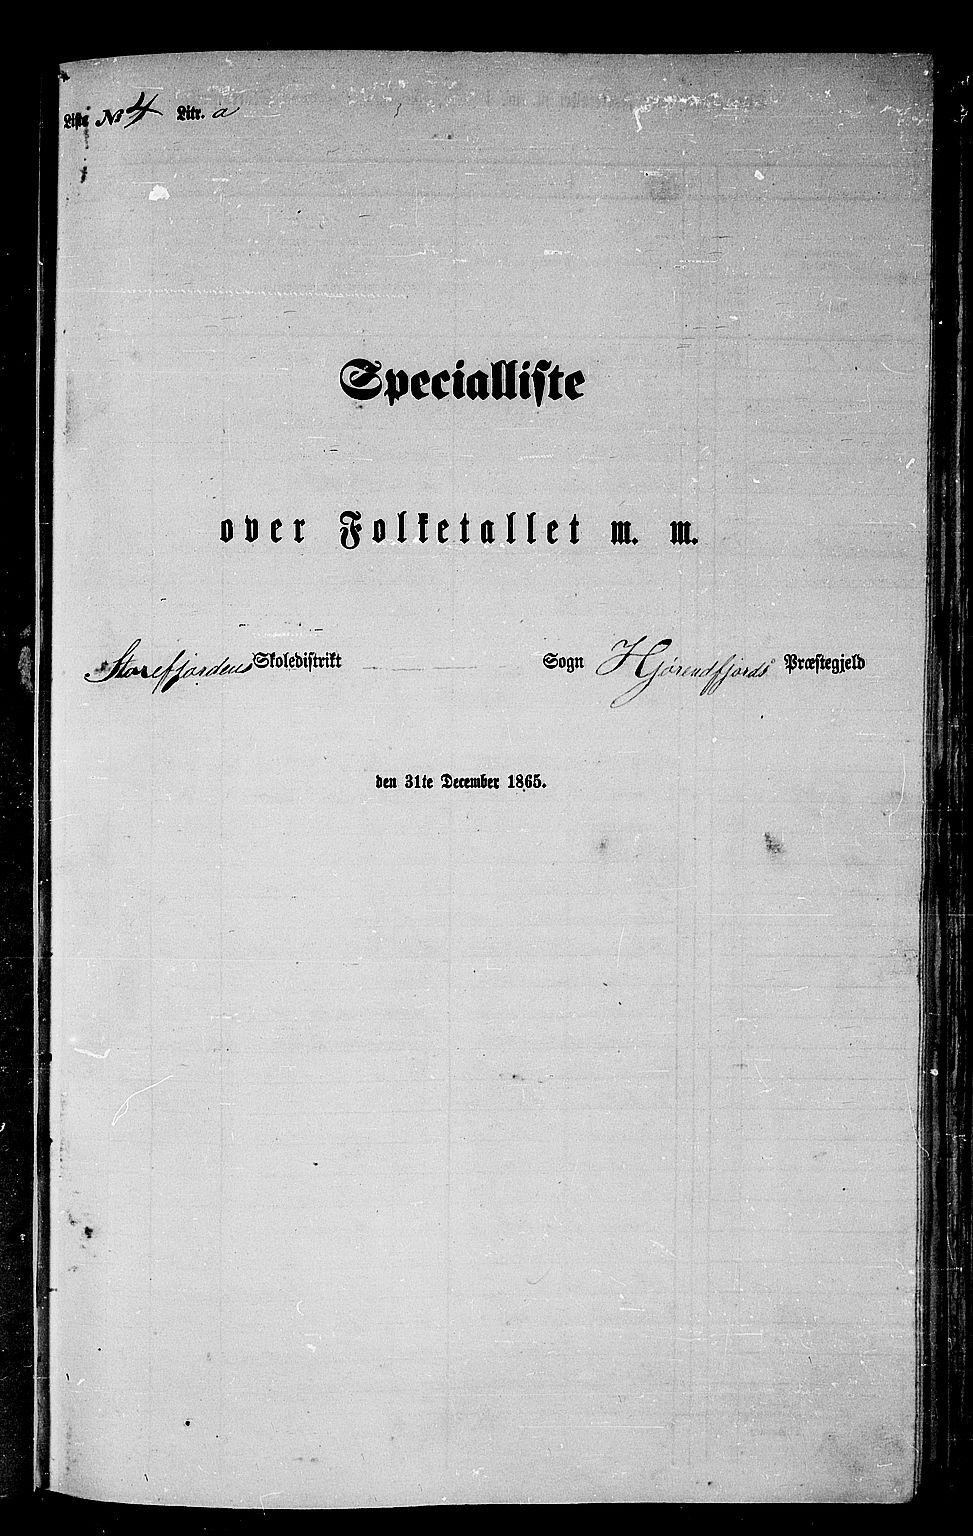 RA, Folketelling 1865 for 1522P Hjørundfjord prestegjeld, 1865, s. 60